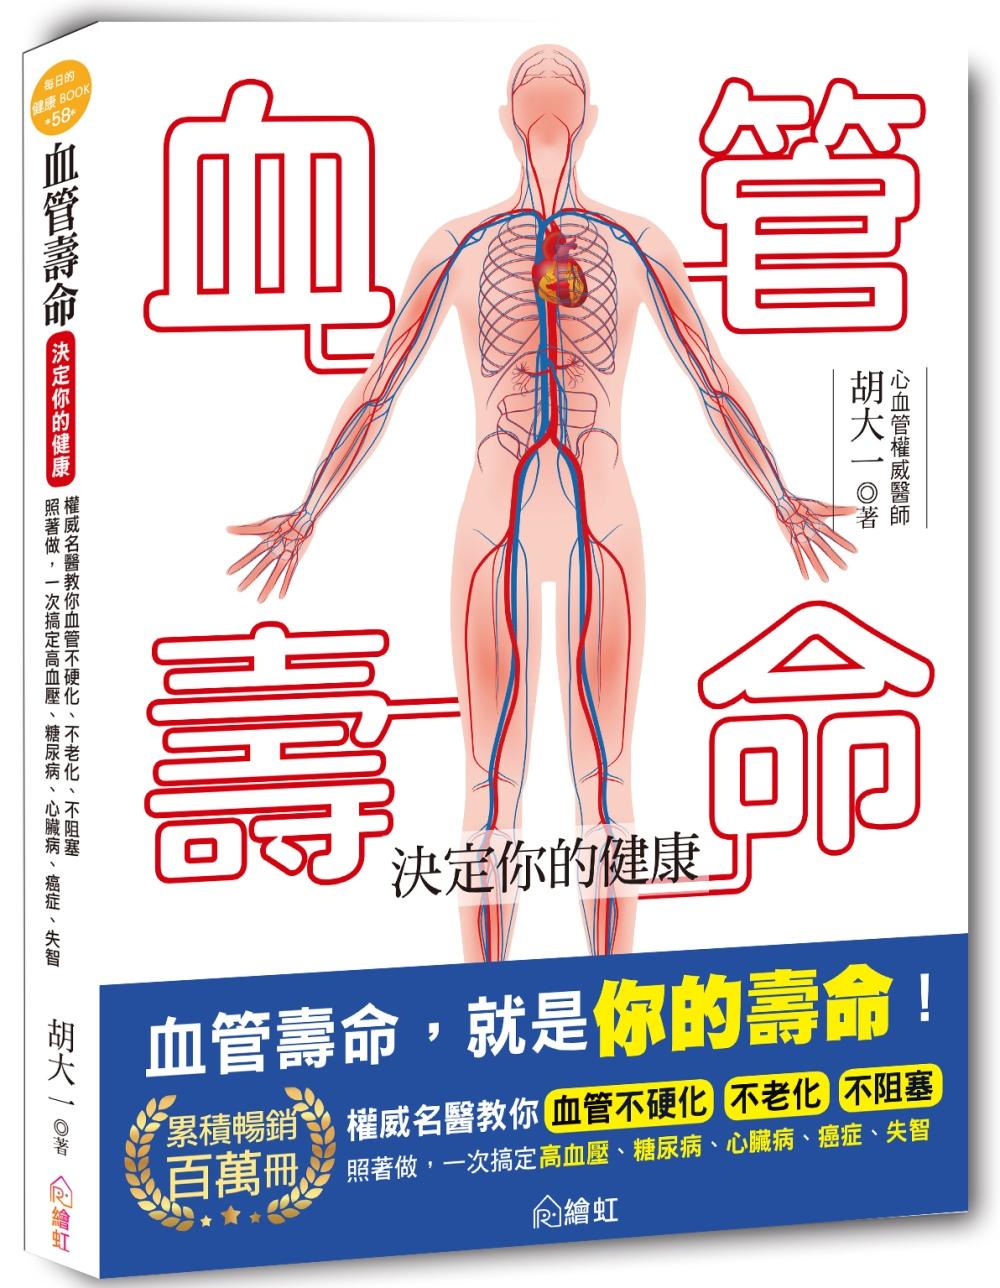 血管壽命決定你的健康:權威名醫教你血管不硬化、不老化、不阻塞,照著做,一次搞定高血壓、糖尿病、心臟病、癌症、失智!